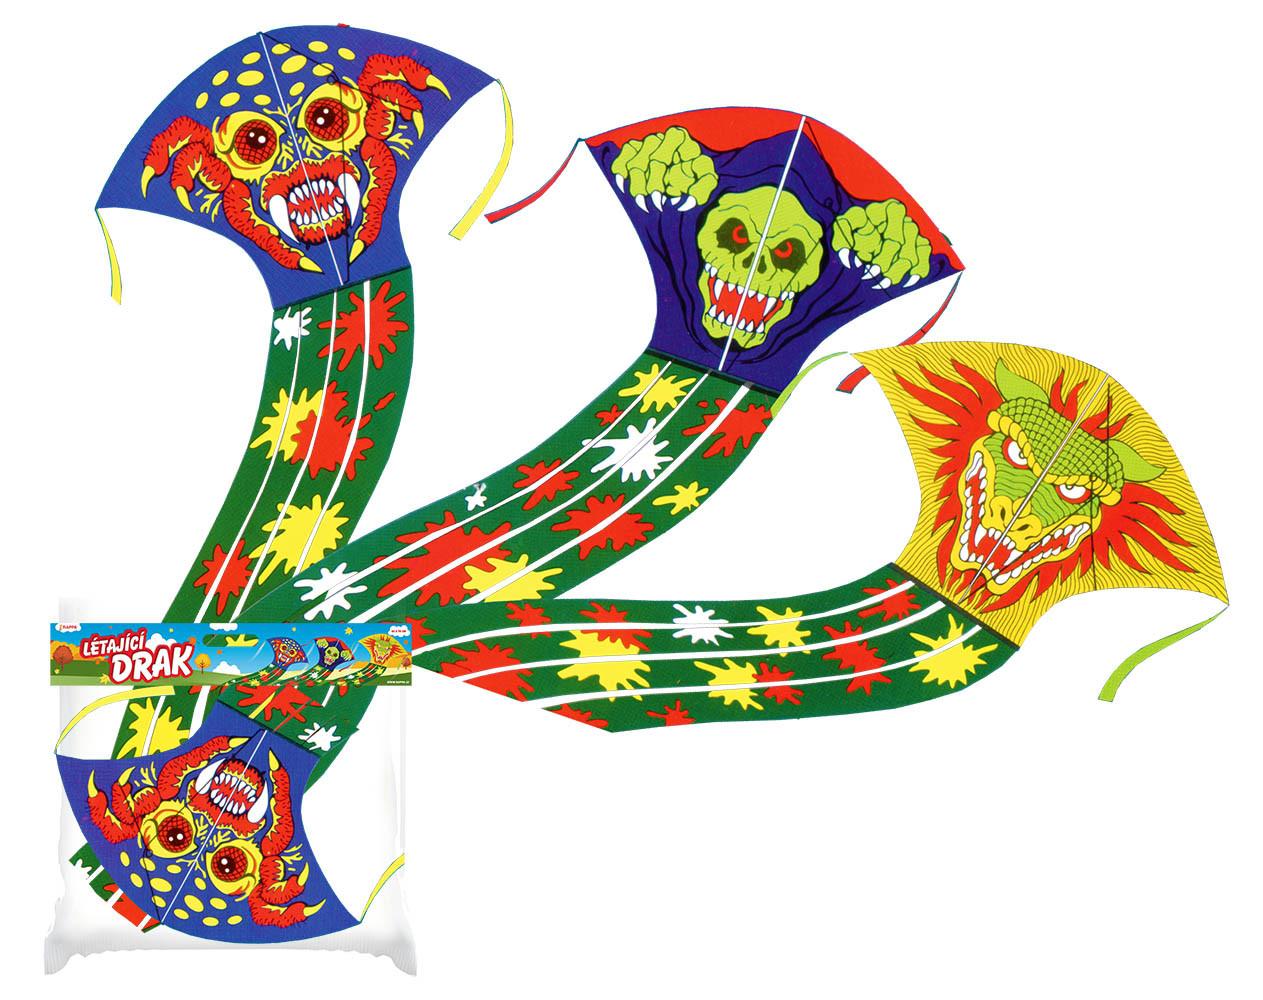 drak létající monster, 43 x 70 cm, 3 druhy